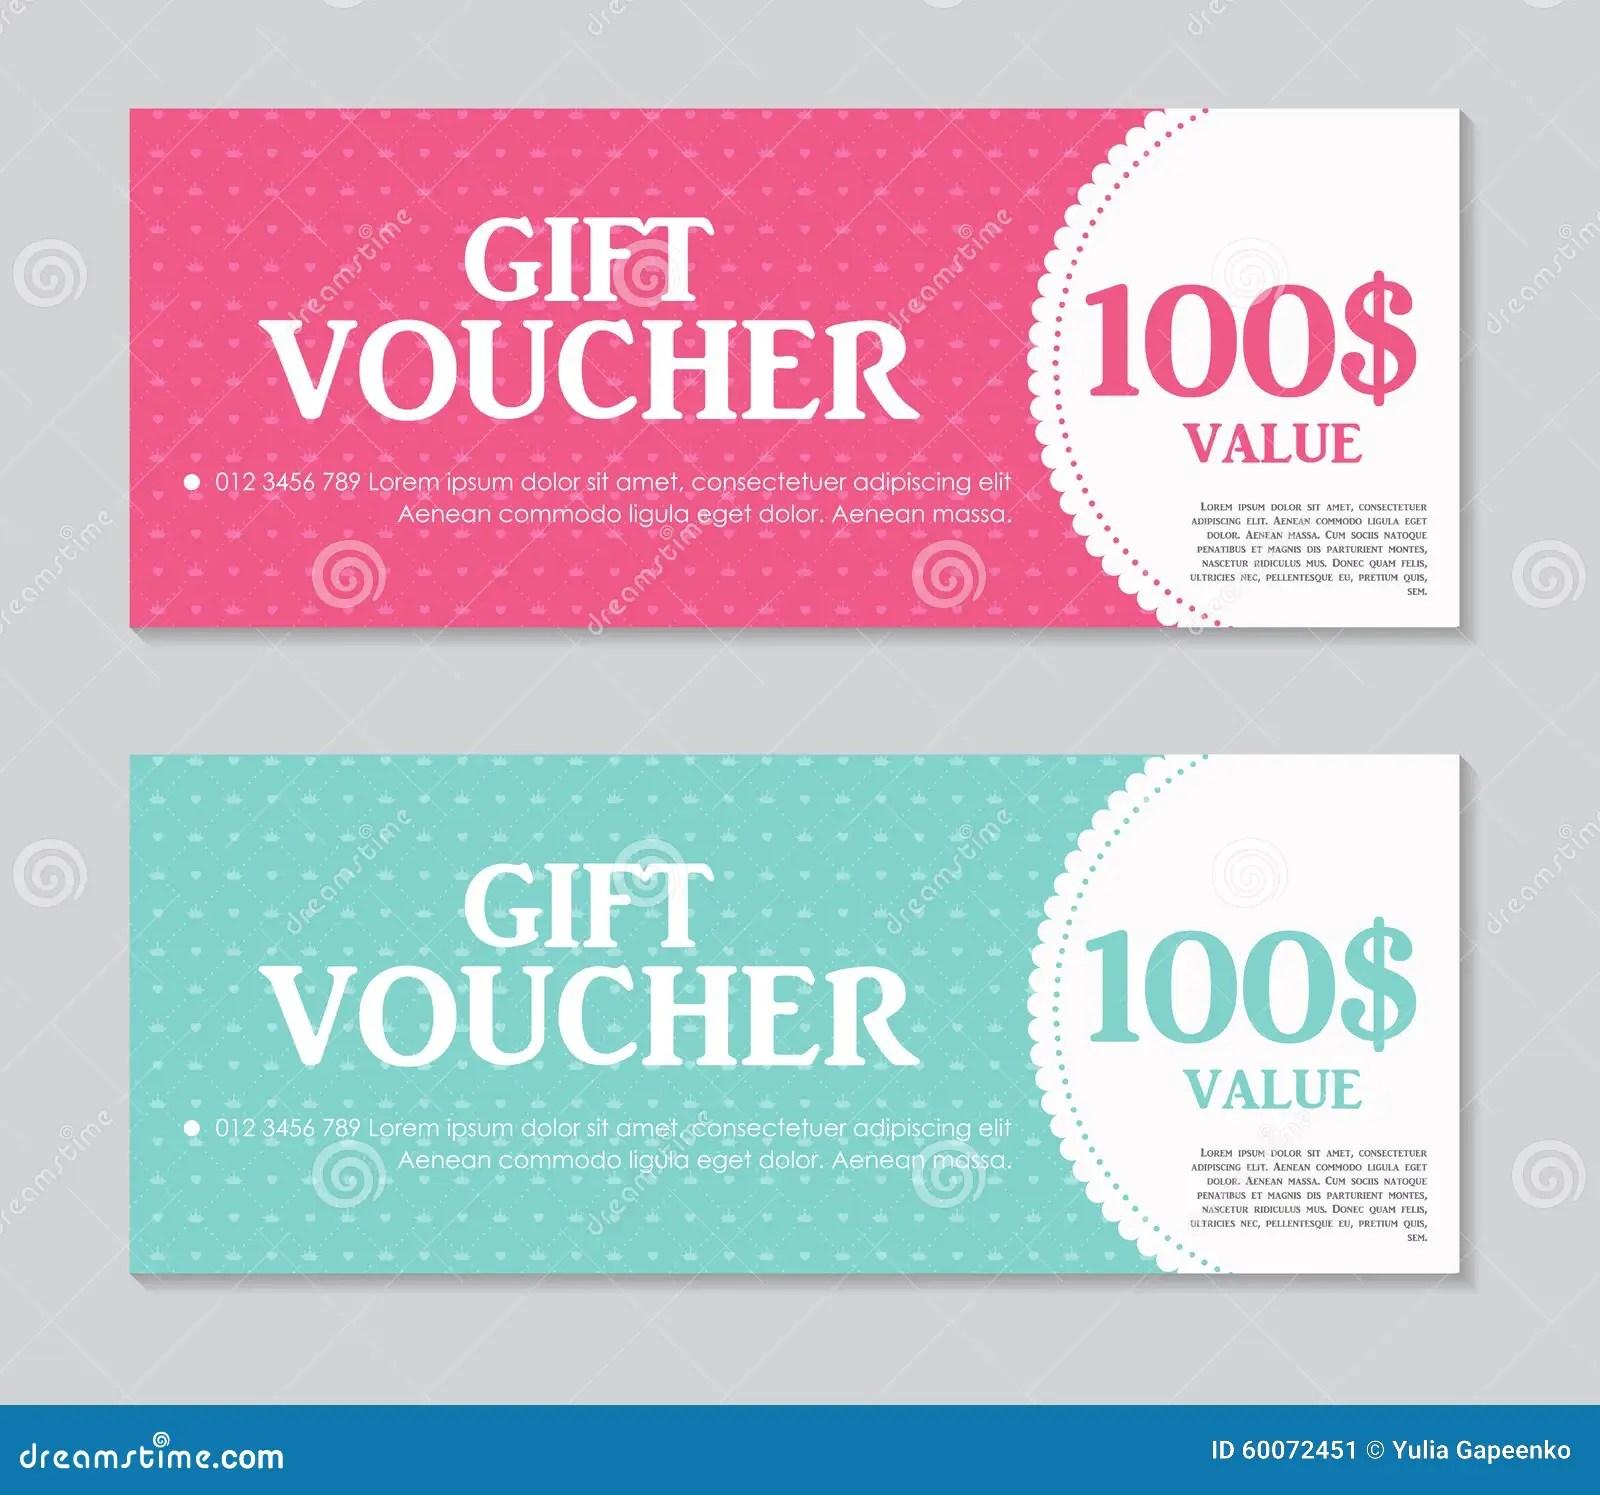 sample gift voucher template – Sample Gift Voucher